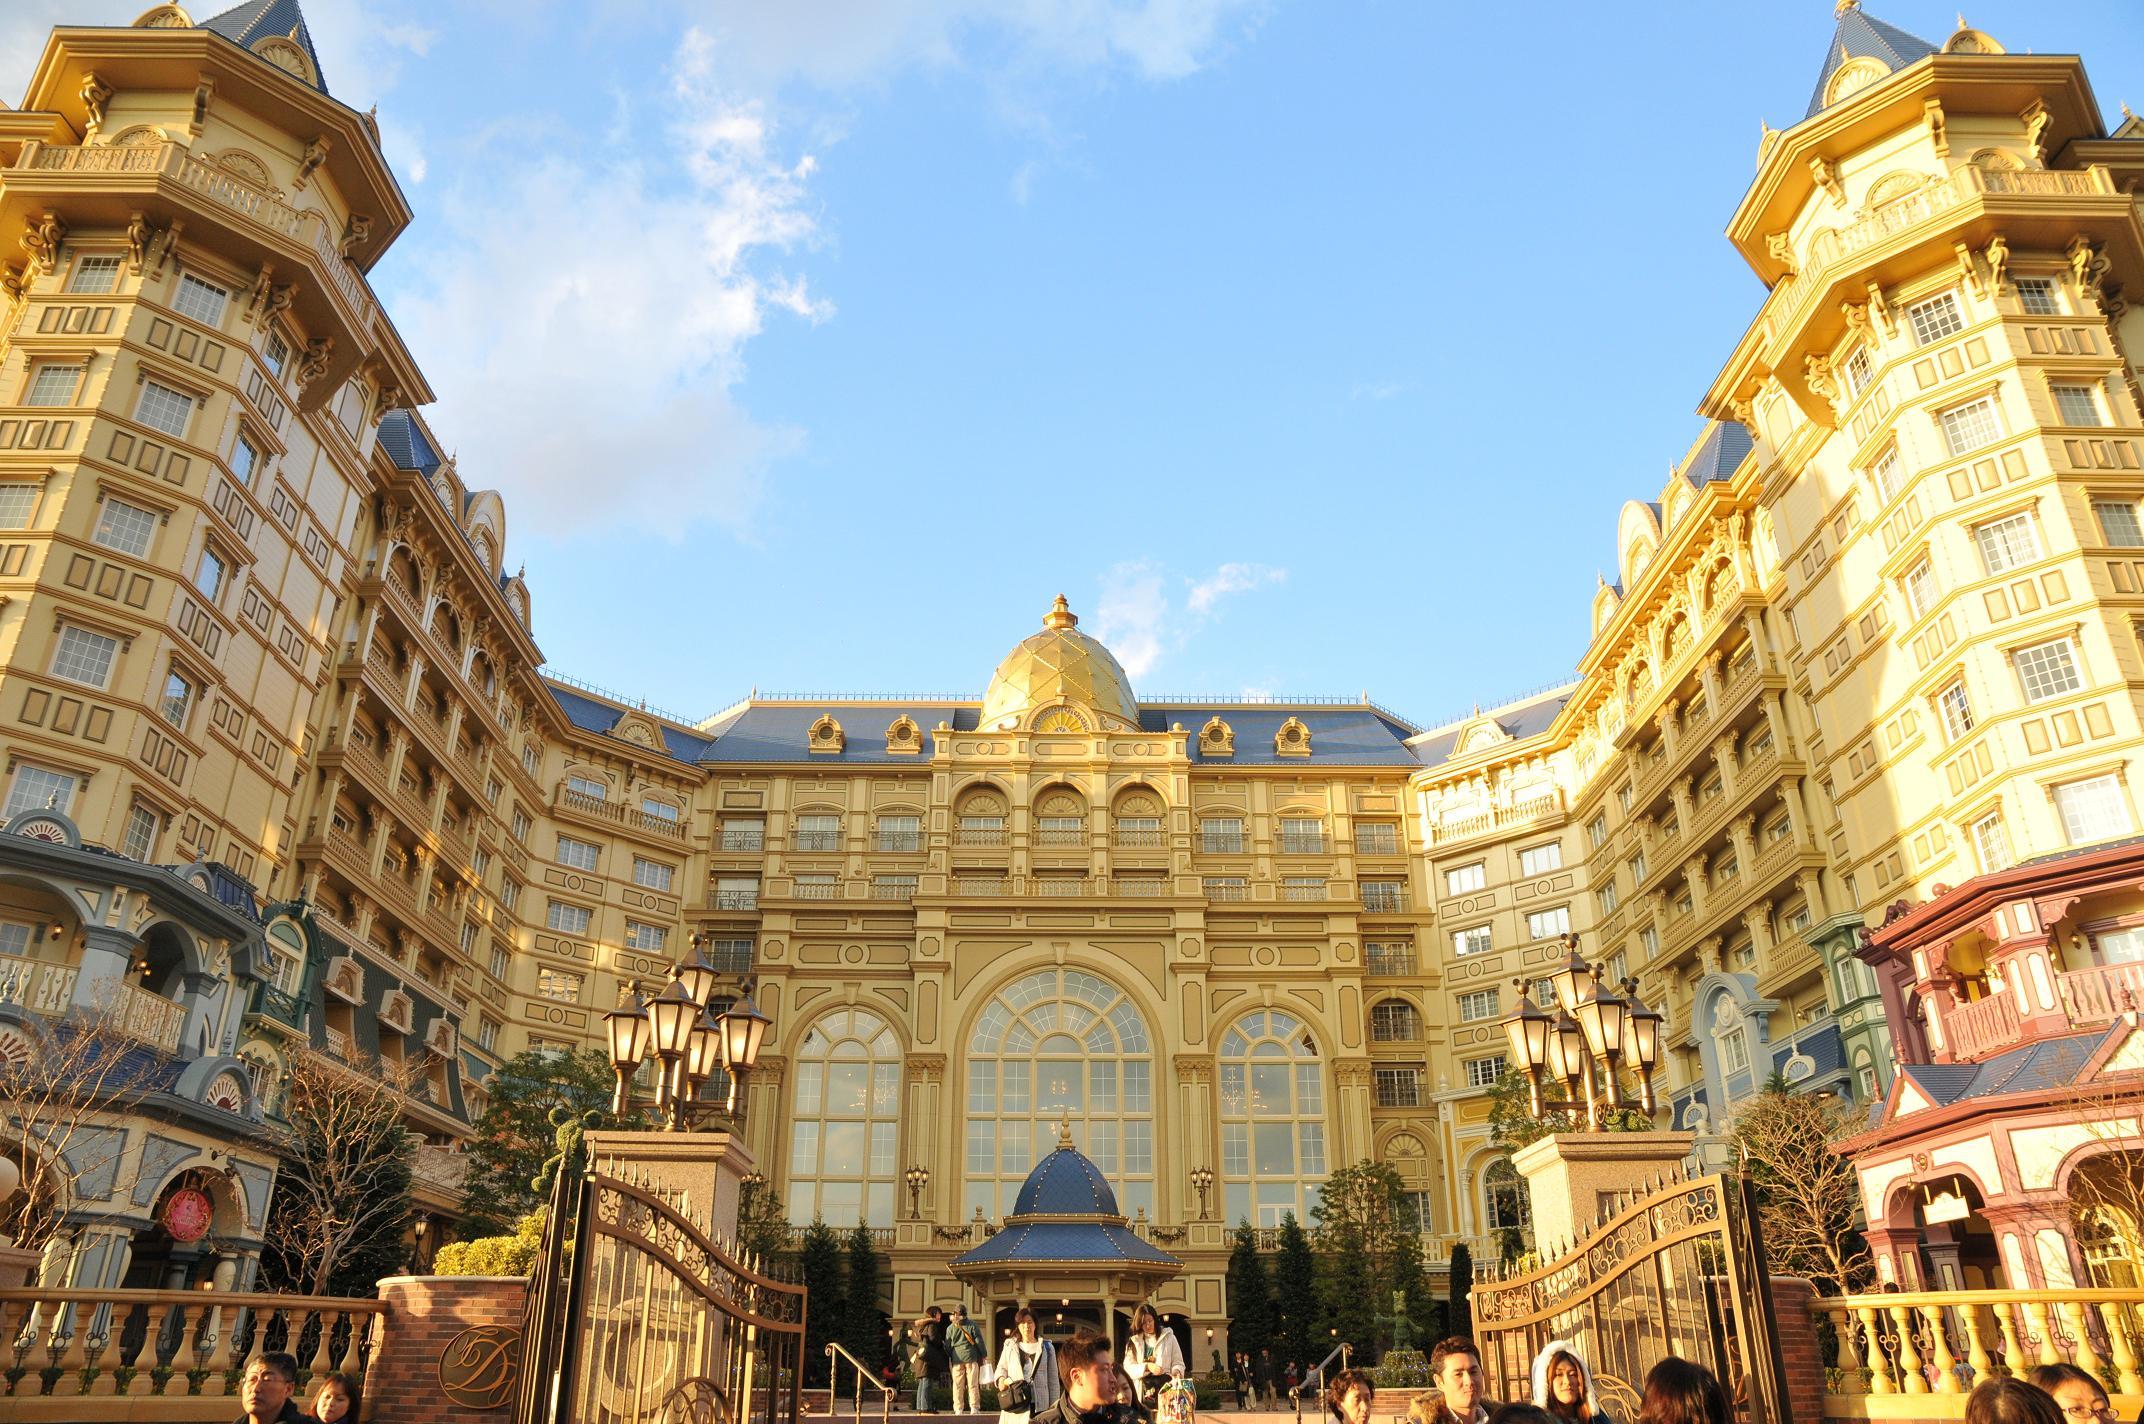 公式】東京ディズニーランドホテル : 【8/18更新】ディズニーリゾートの